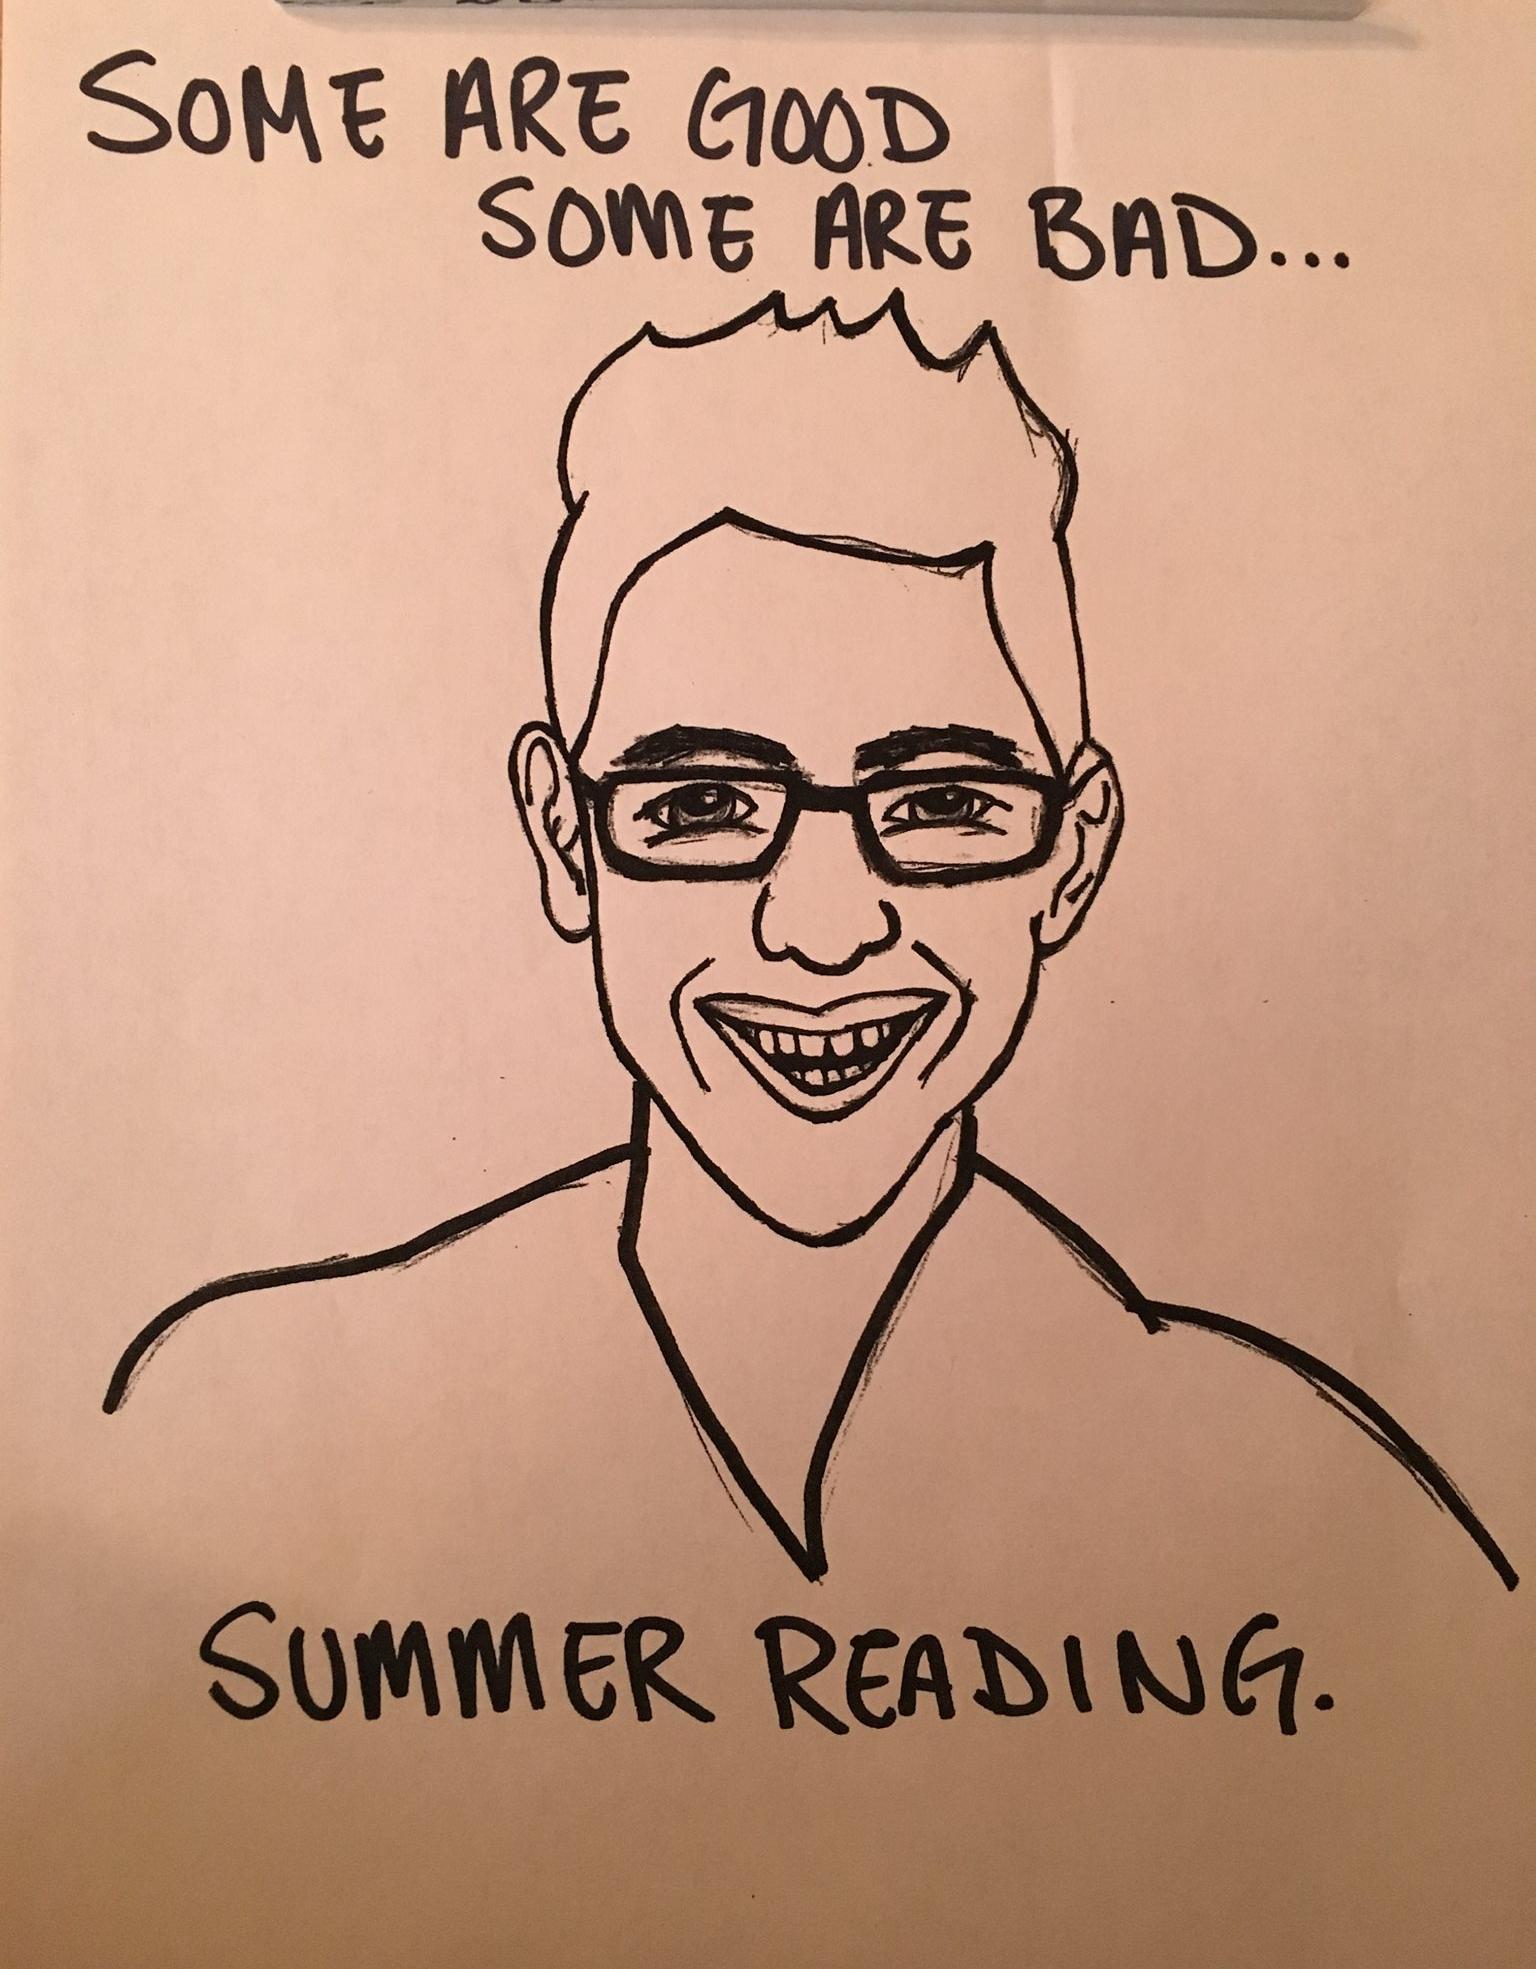 Summer Reading fan art by listener Katie Tedesco